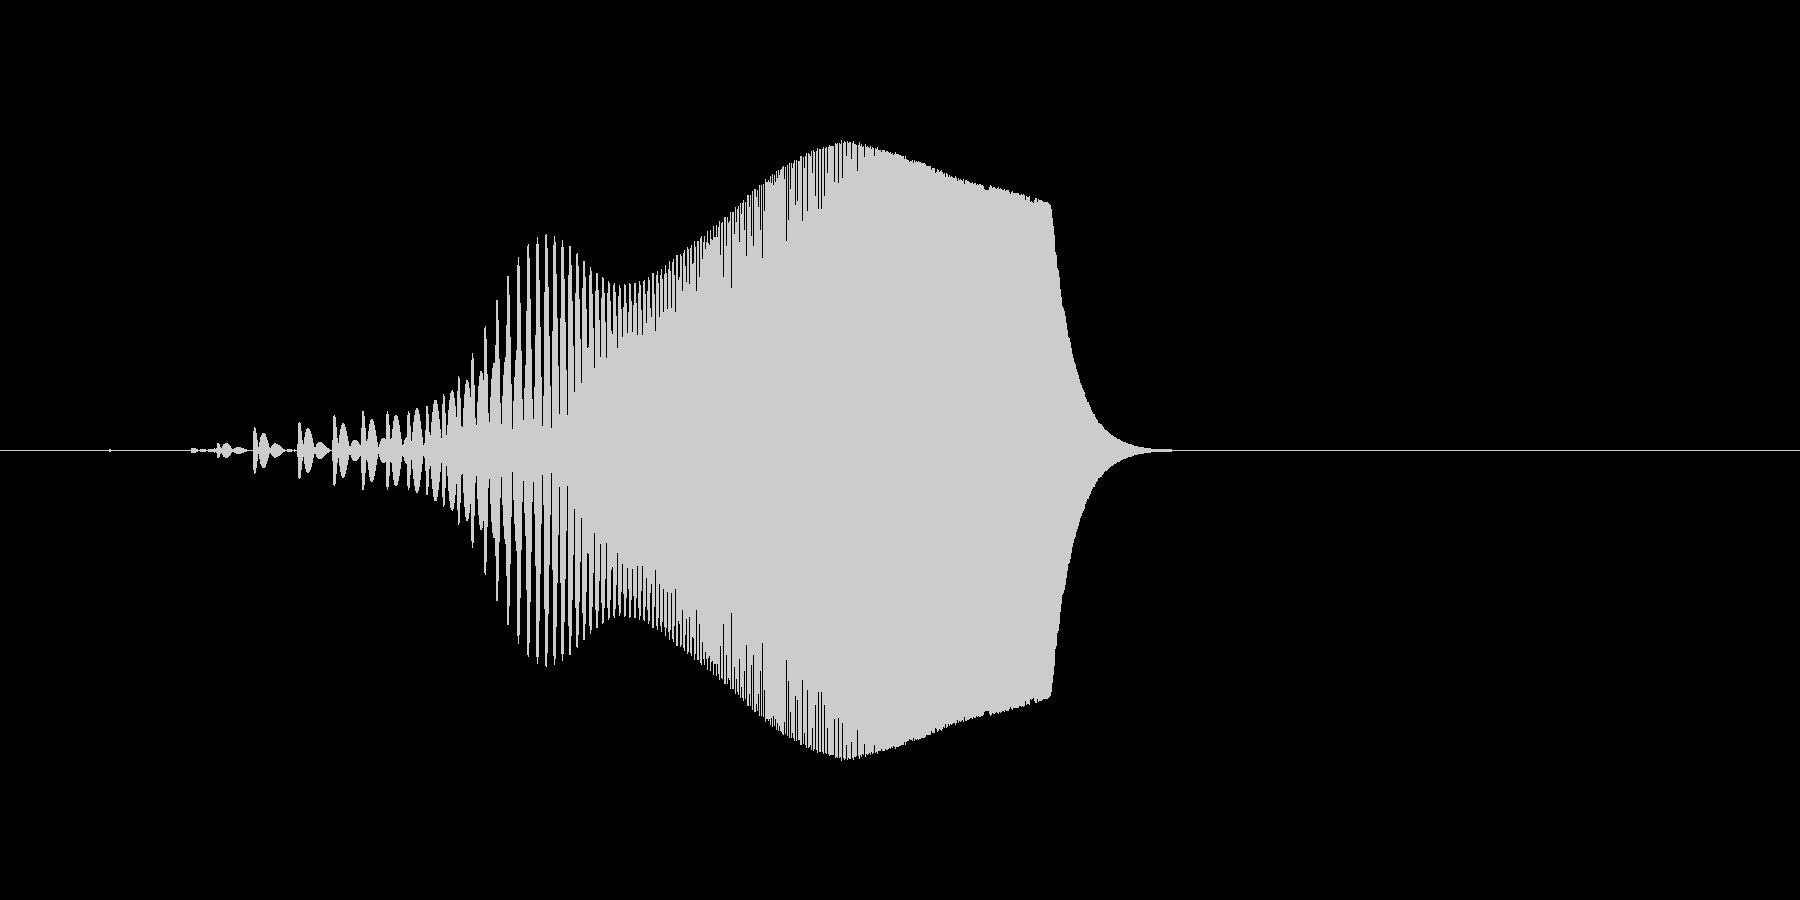 シンセ音。スワイプなど。「ヒュイッ」の未再生の波形